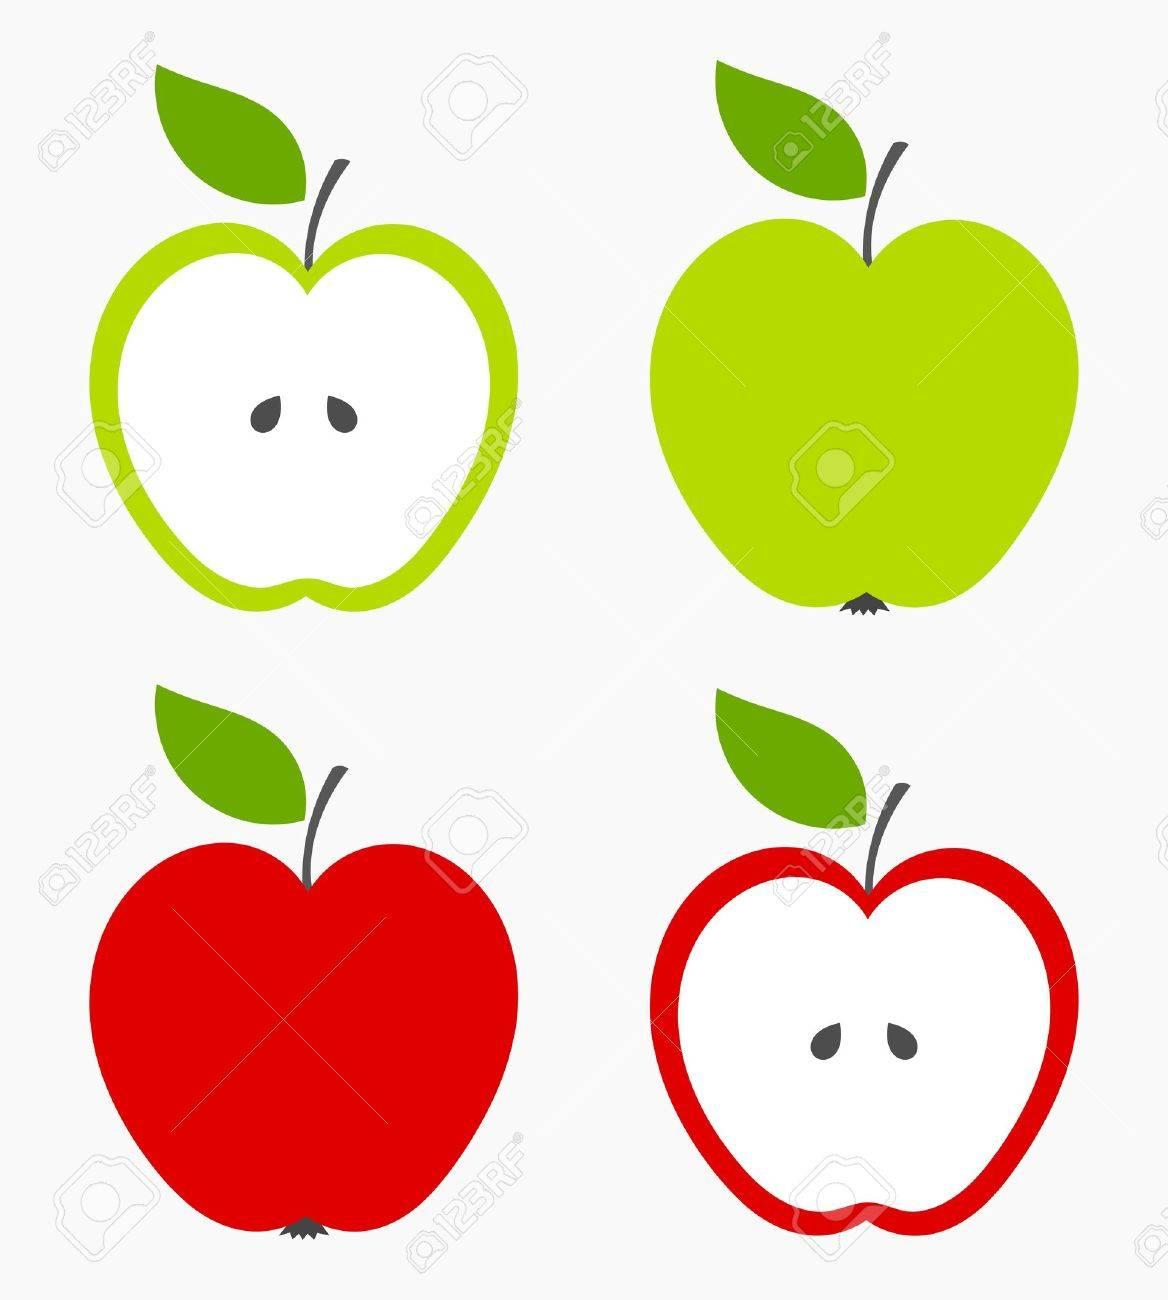 Ausgezeichnet Früchte Färbende Blätter Galerie - Malvorlagen Von ...